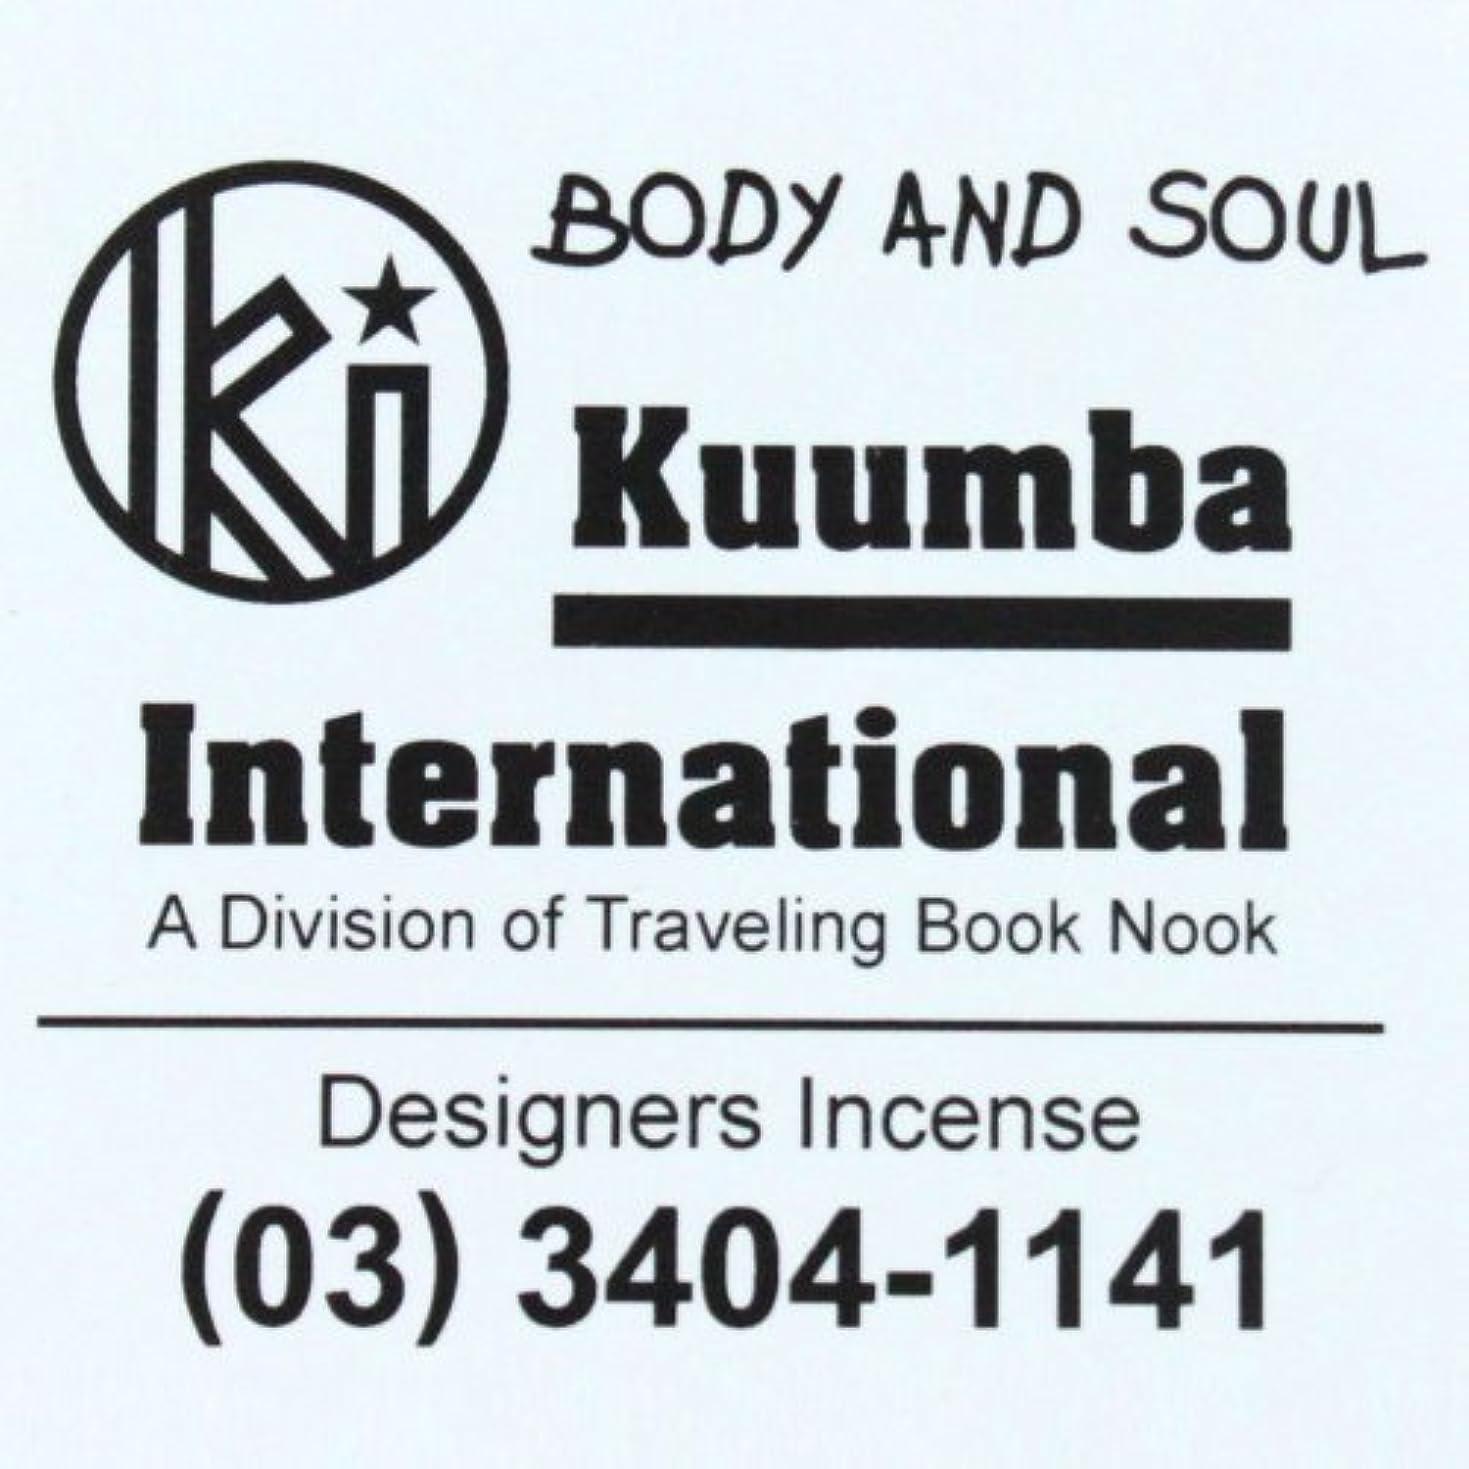 よろめく腕楽観的KUUMBA (クンバ)『incense』(BODY AND SOUL) (Regular size)